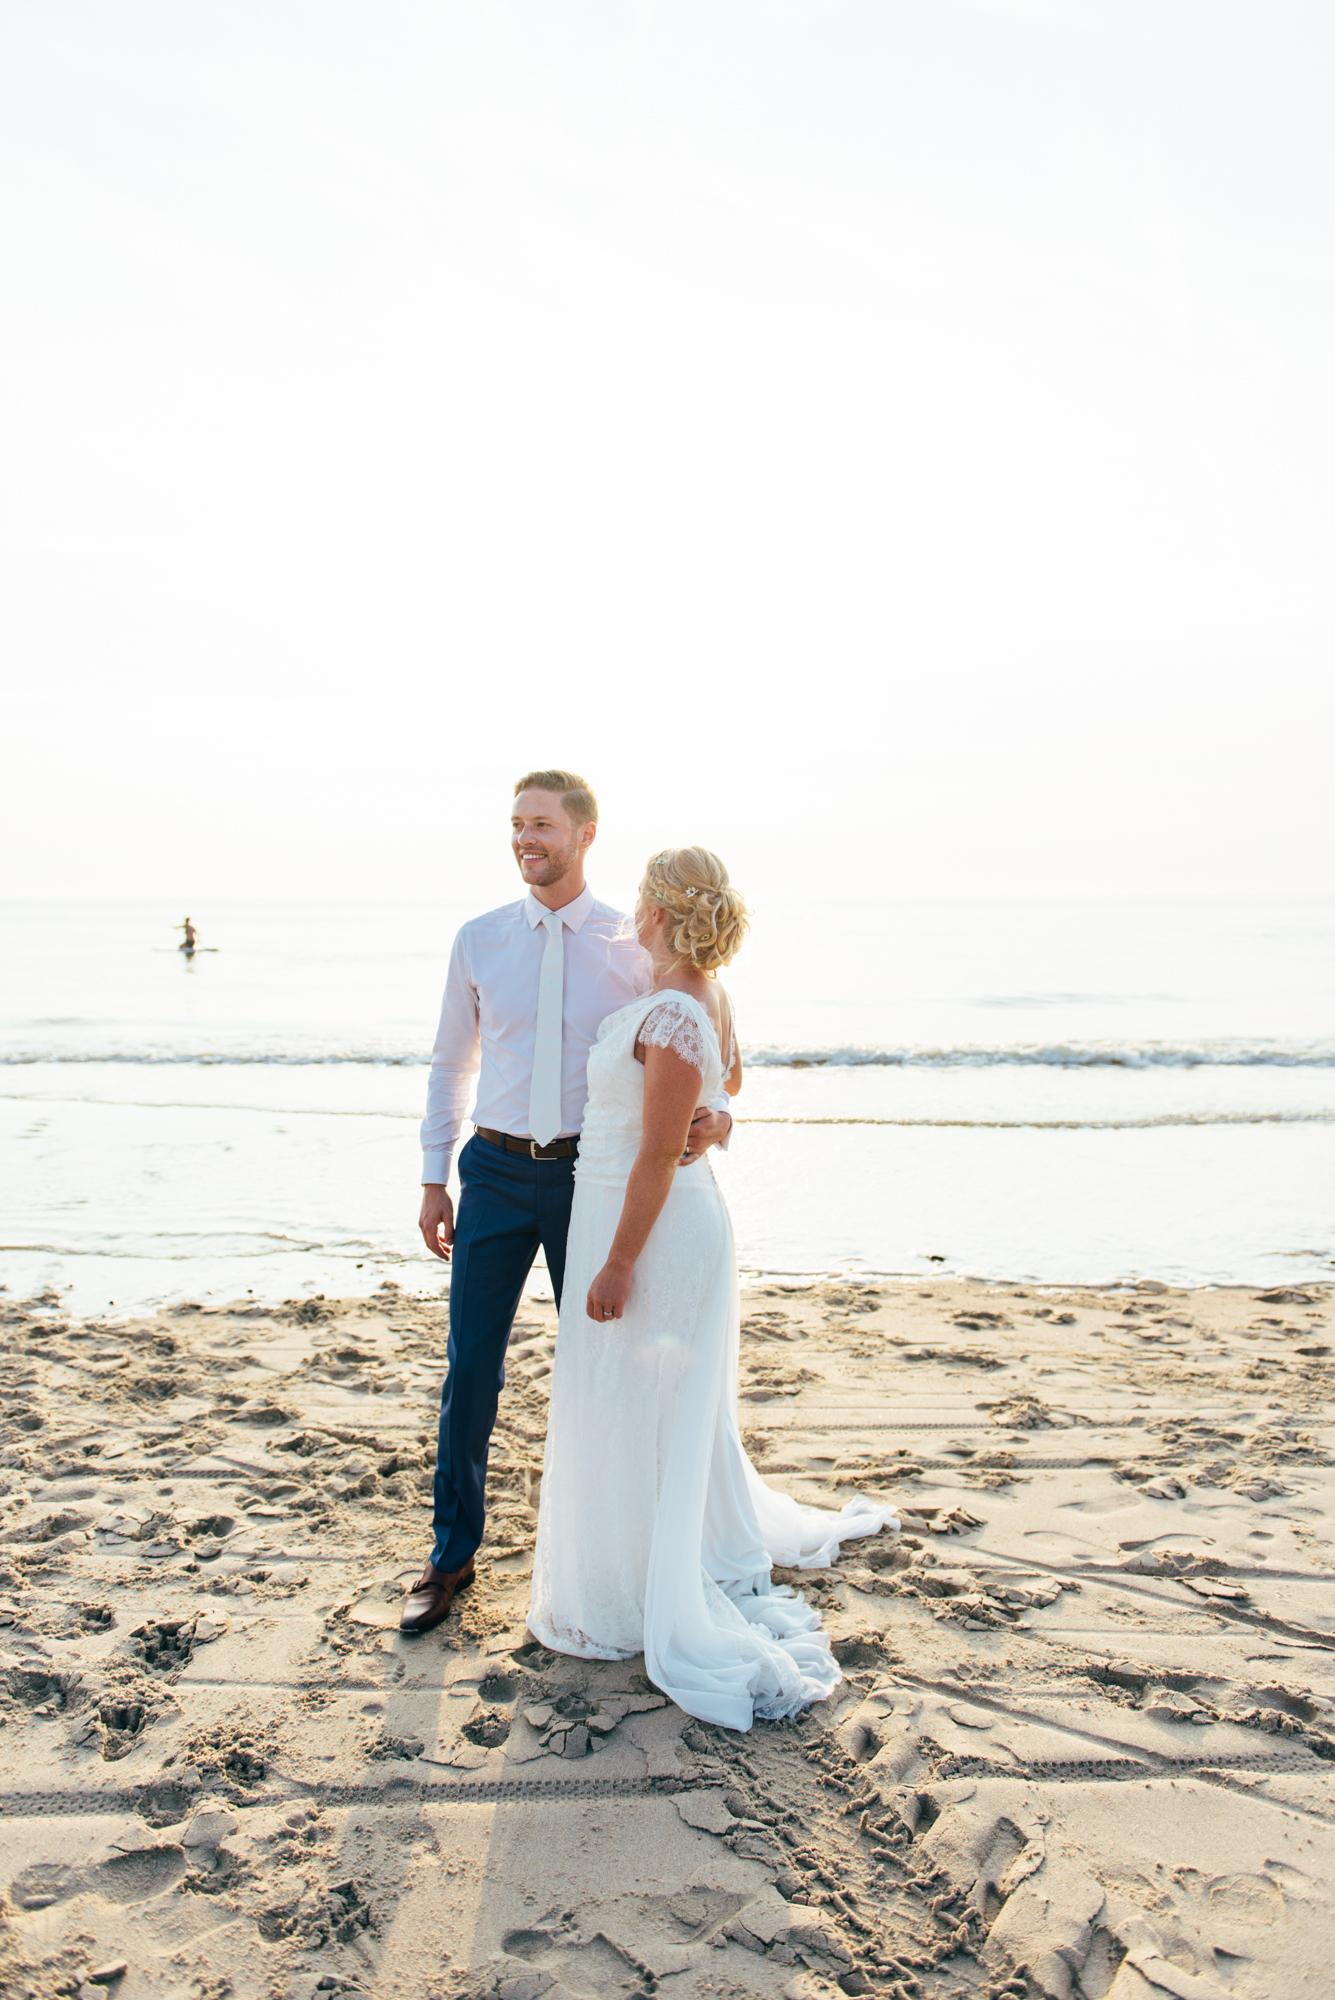 bruidsfotografie-Castricum-aan-zee-Esmee-en-Jeff-52